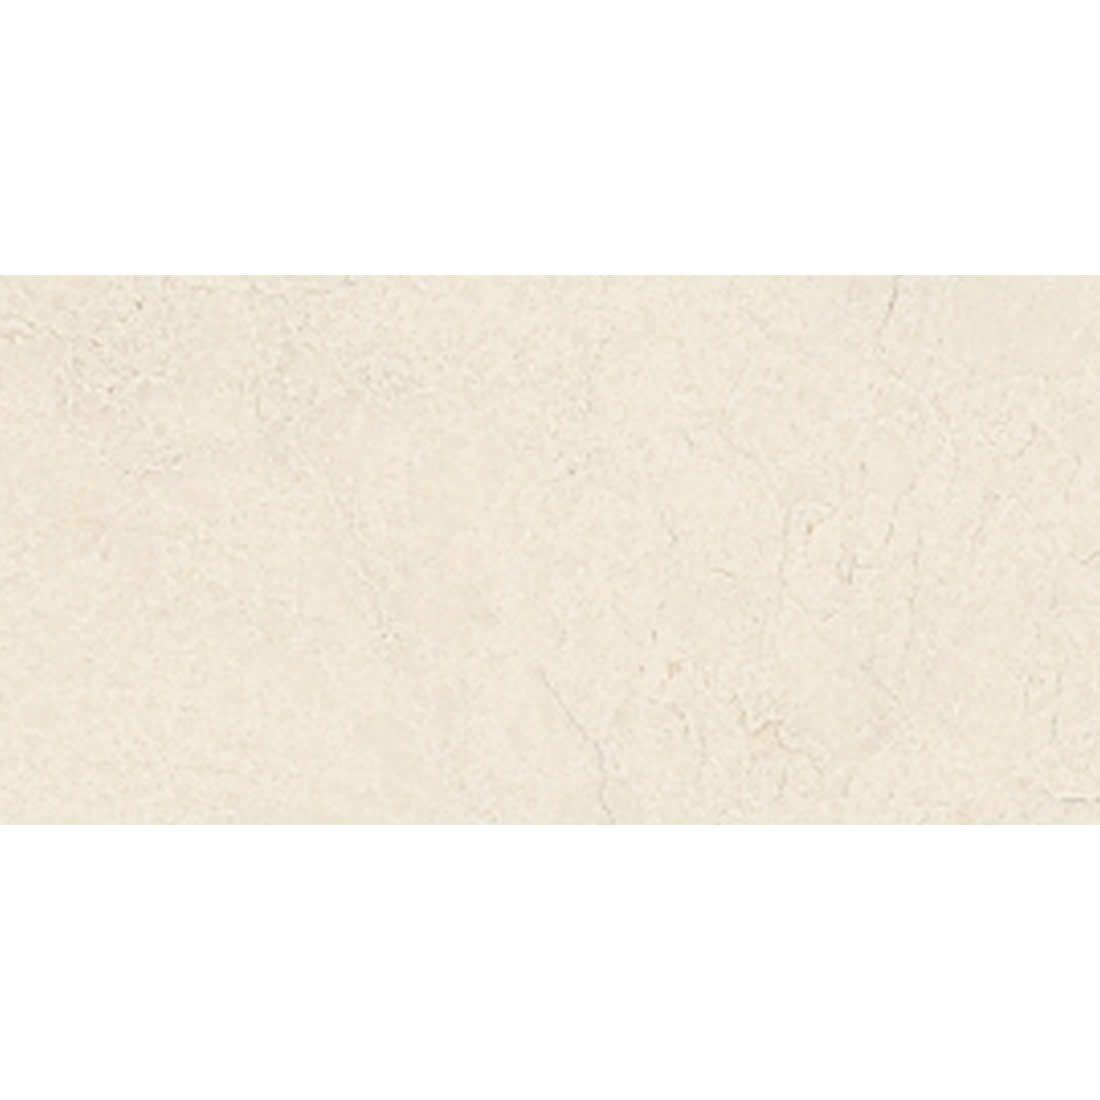 Porcelanato Delta Corona Marfil Polido 50x100 Borda Reta